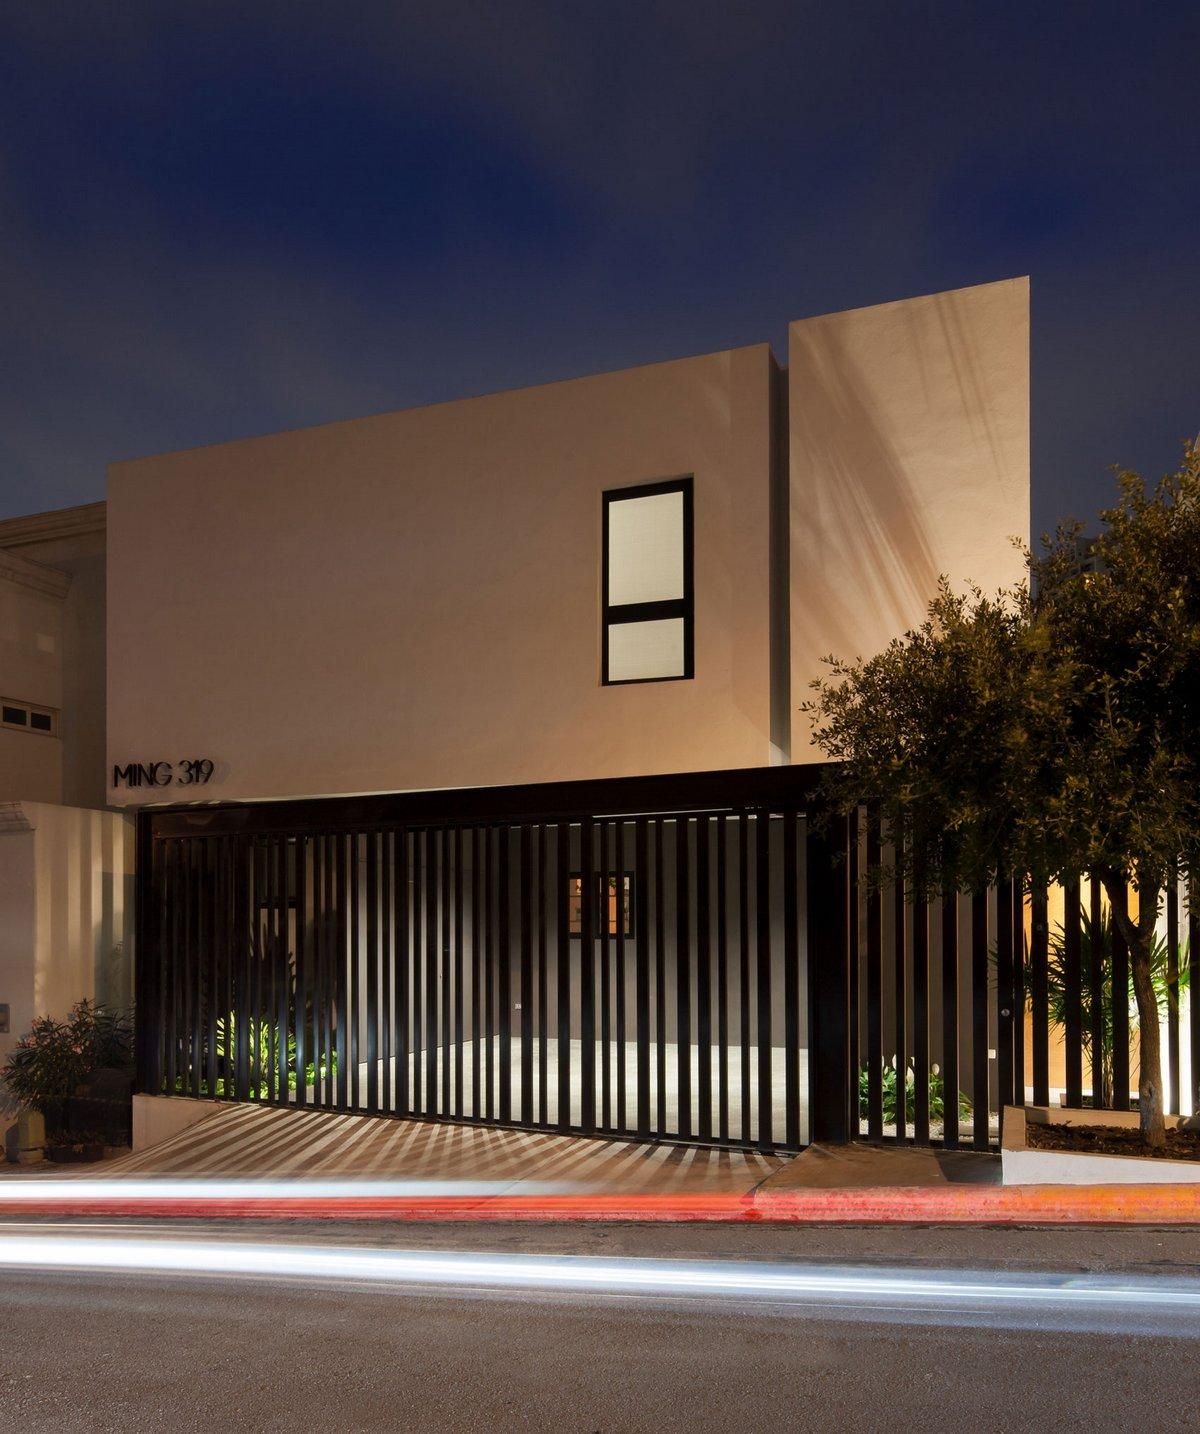 LGZ Taller de Arquitectura, частный дом в Мексике, дома в Монтеррей, частный дом на маленьком участке земли, план дома, фотографии частных домов